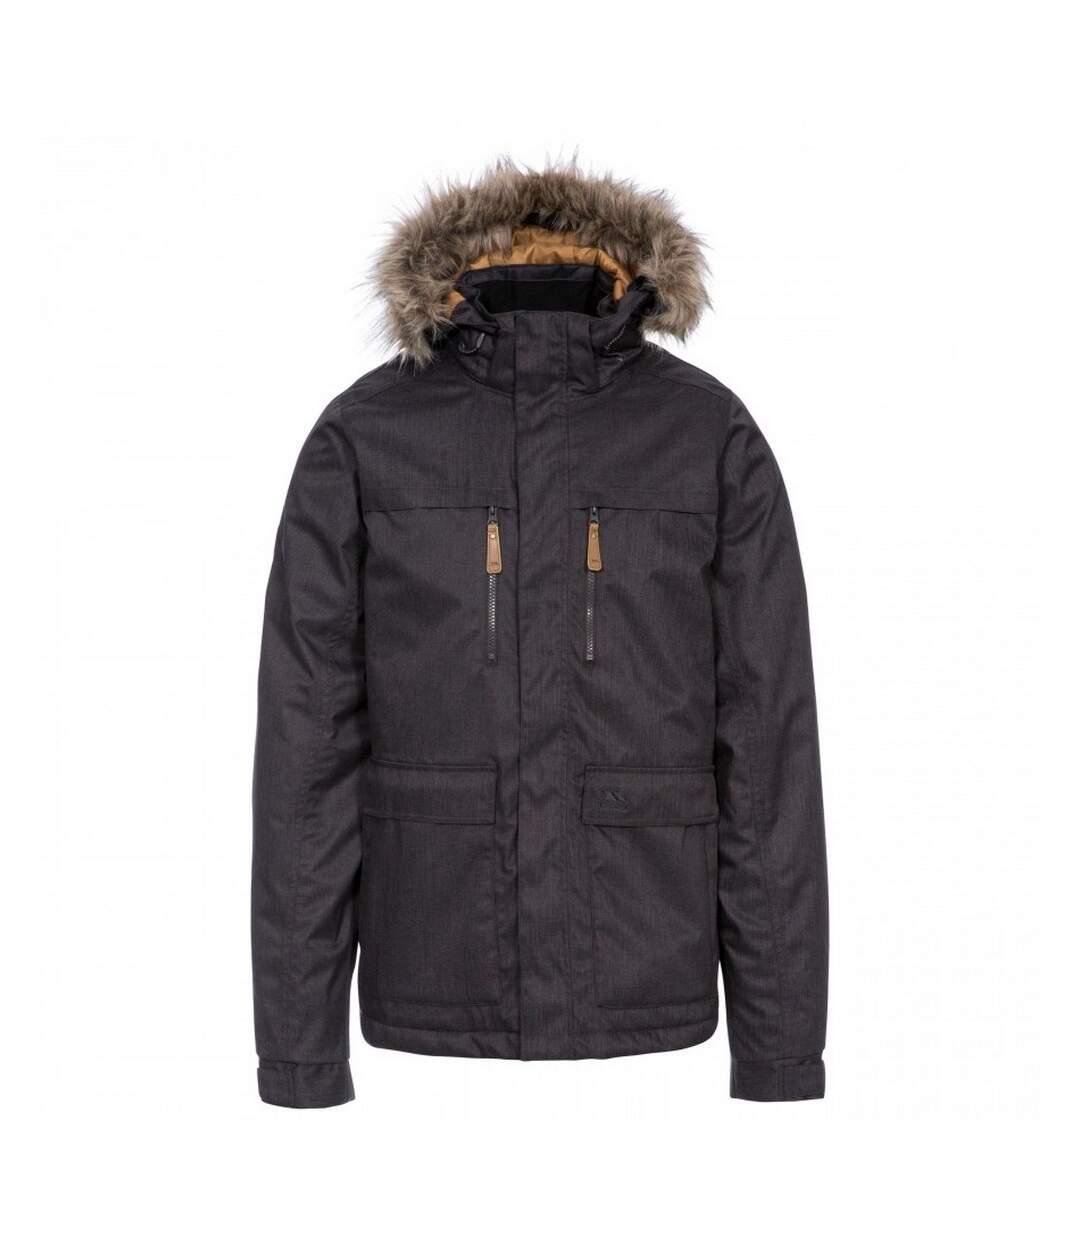 Trespass Mens King Peak Waterproof Jacket (Dark Grey) - UTTP4357